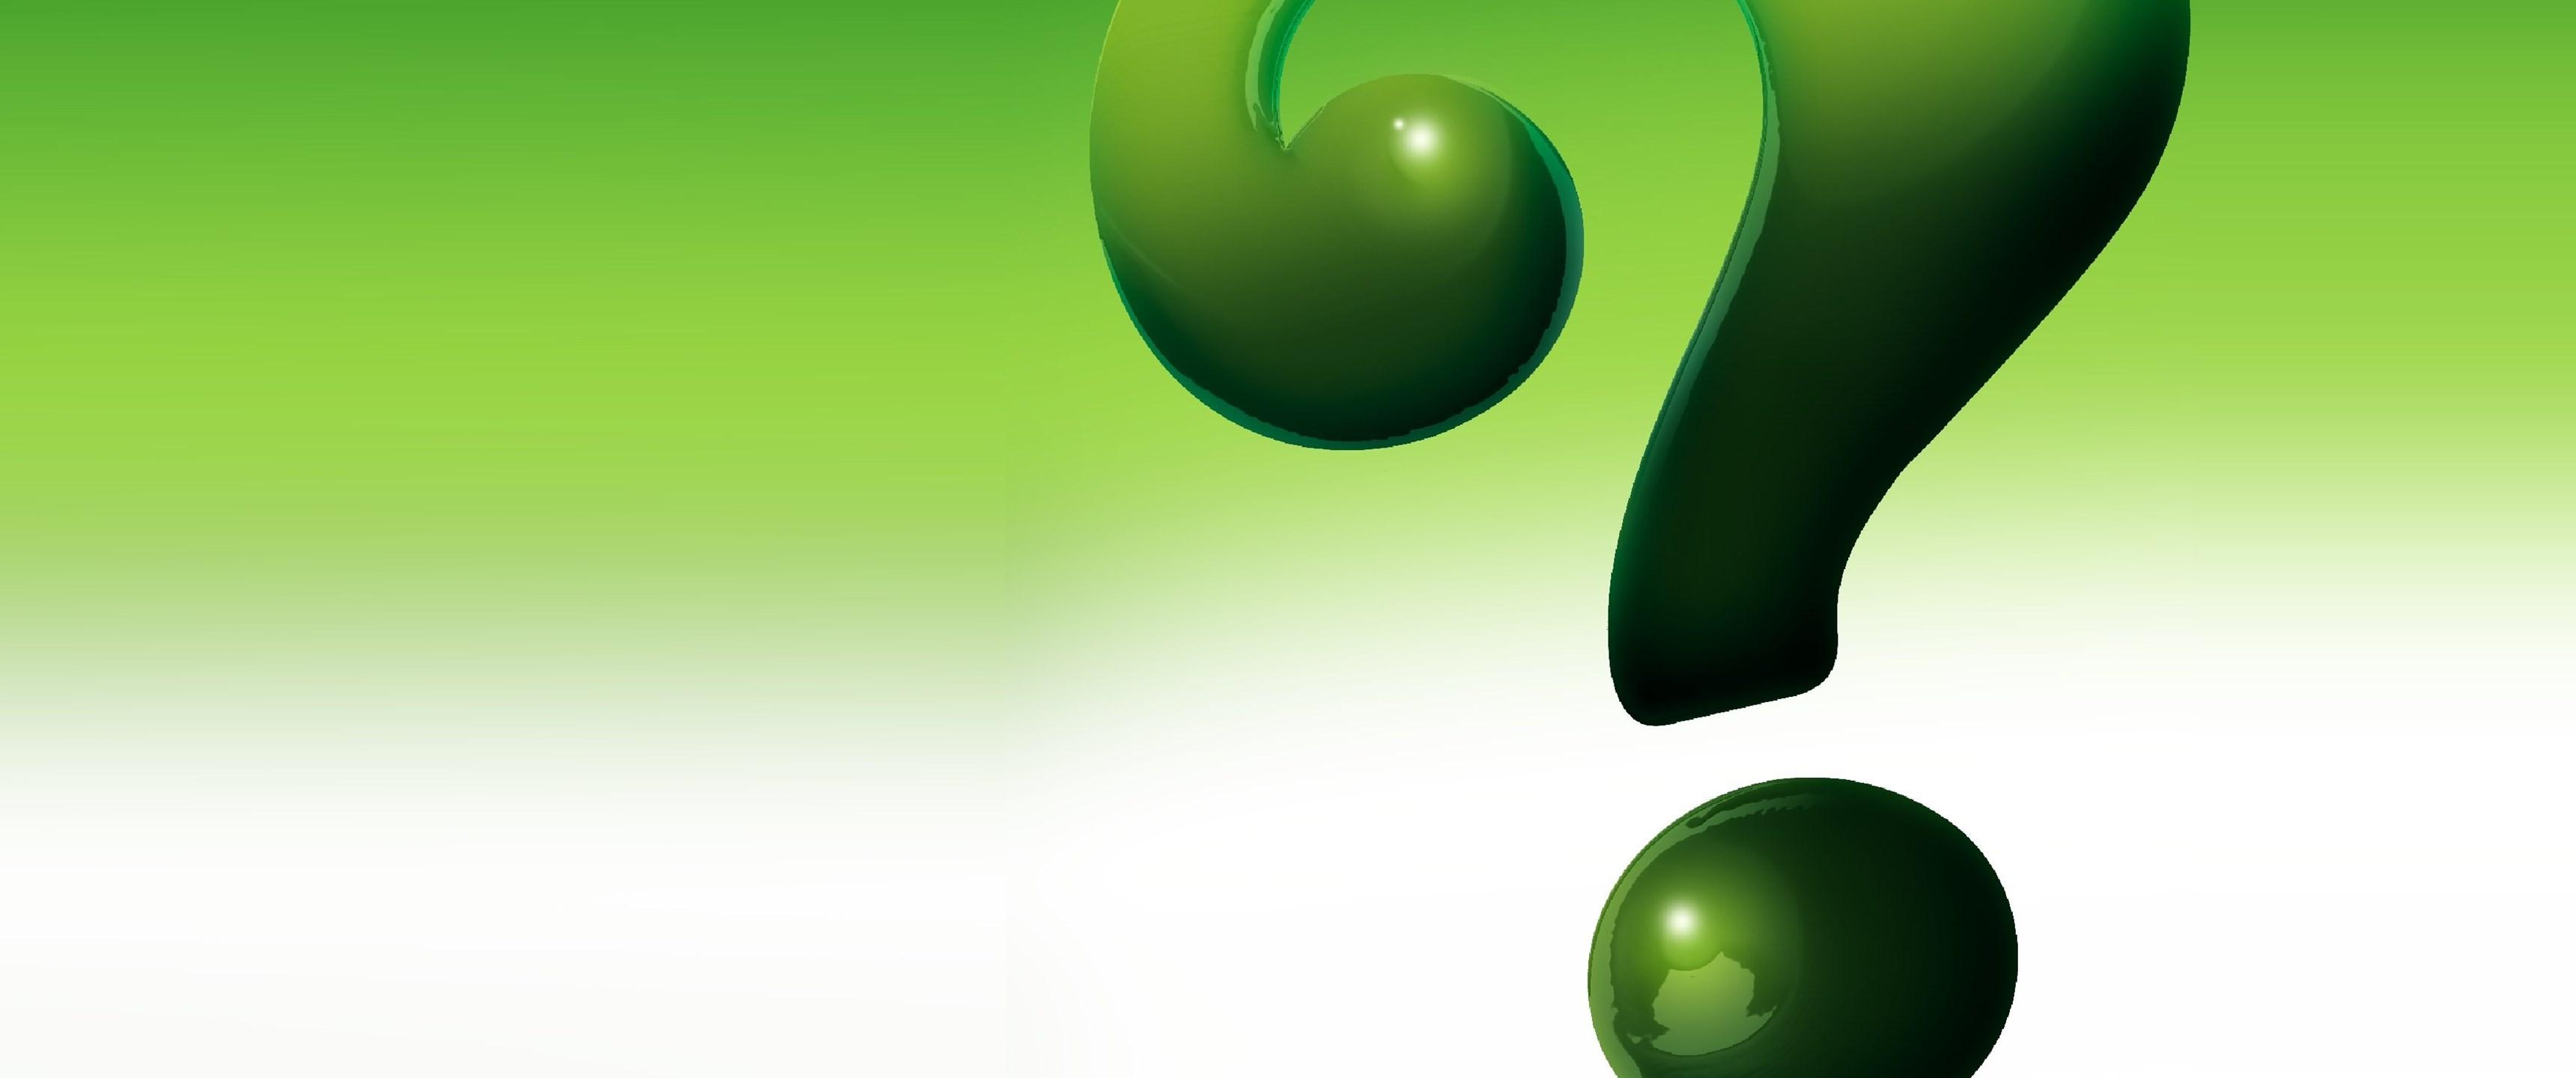 wordpress-5.0-release-date-question-mark